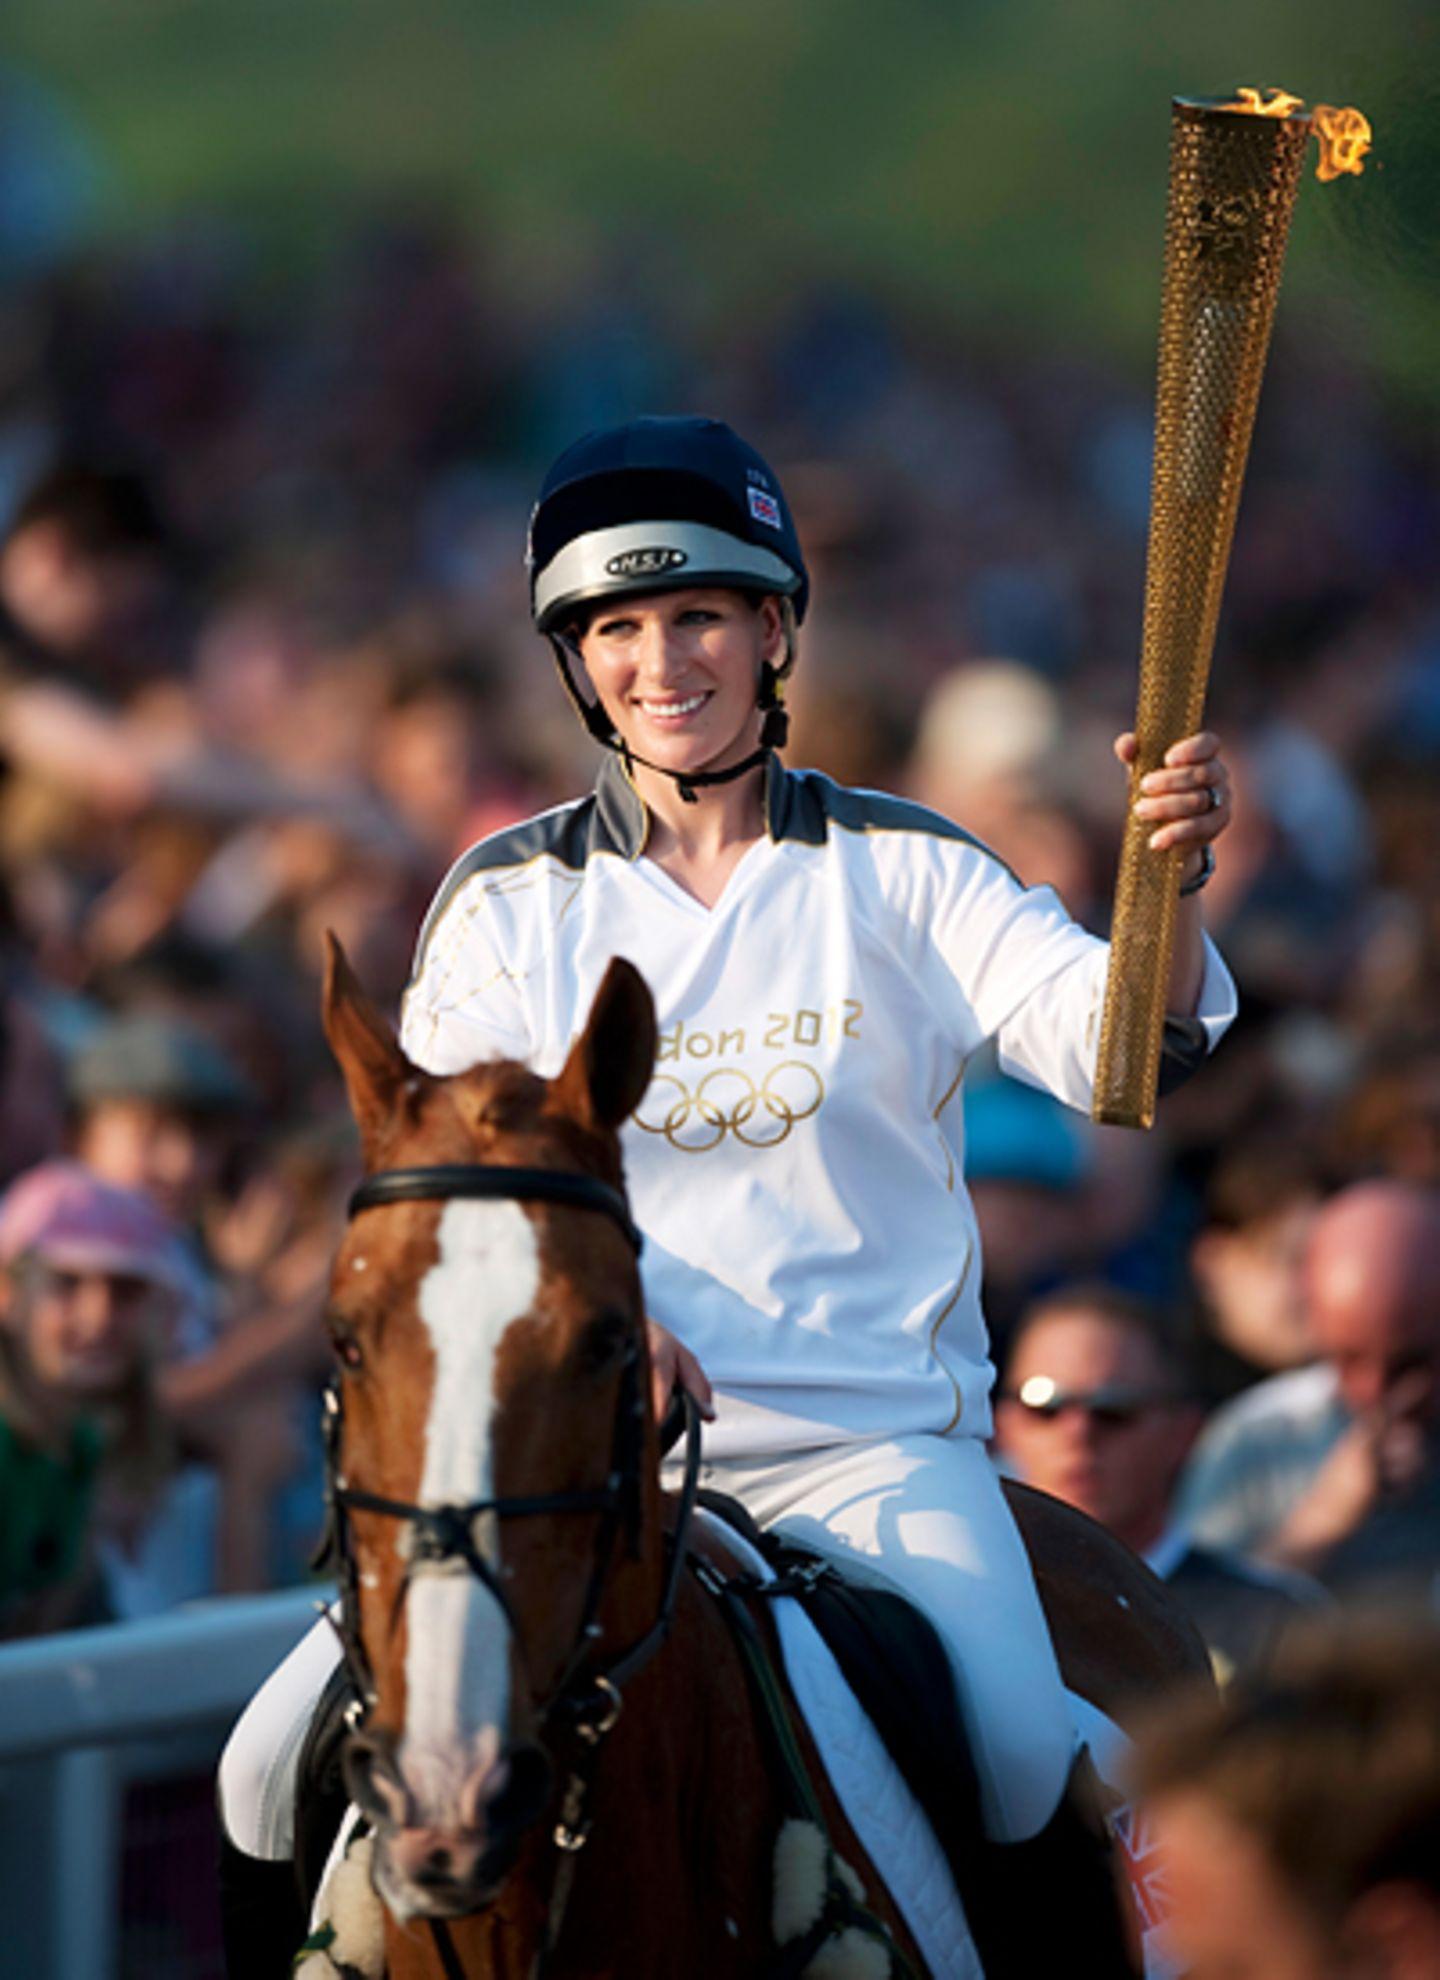 23. Mai 2012: Vor mehr als 20.000 jubelnden Zuschauern übernimmt Zara Phillips in Cheltenham das olympische Feuer.